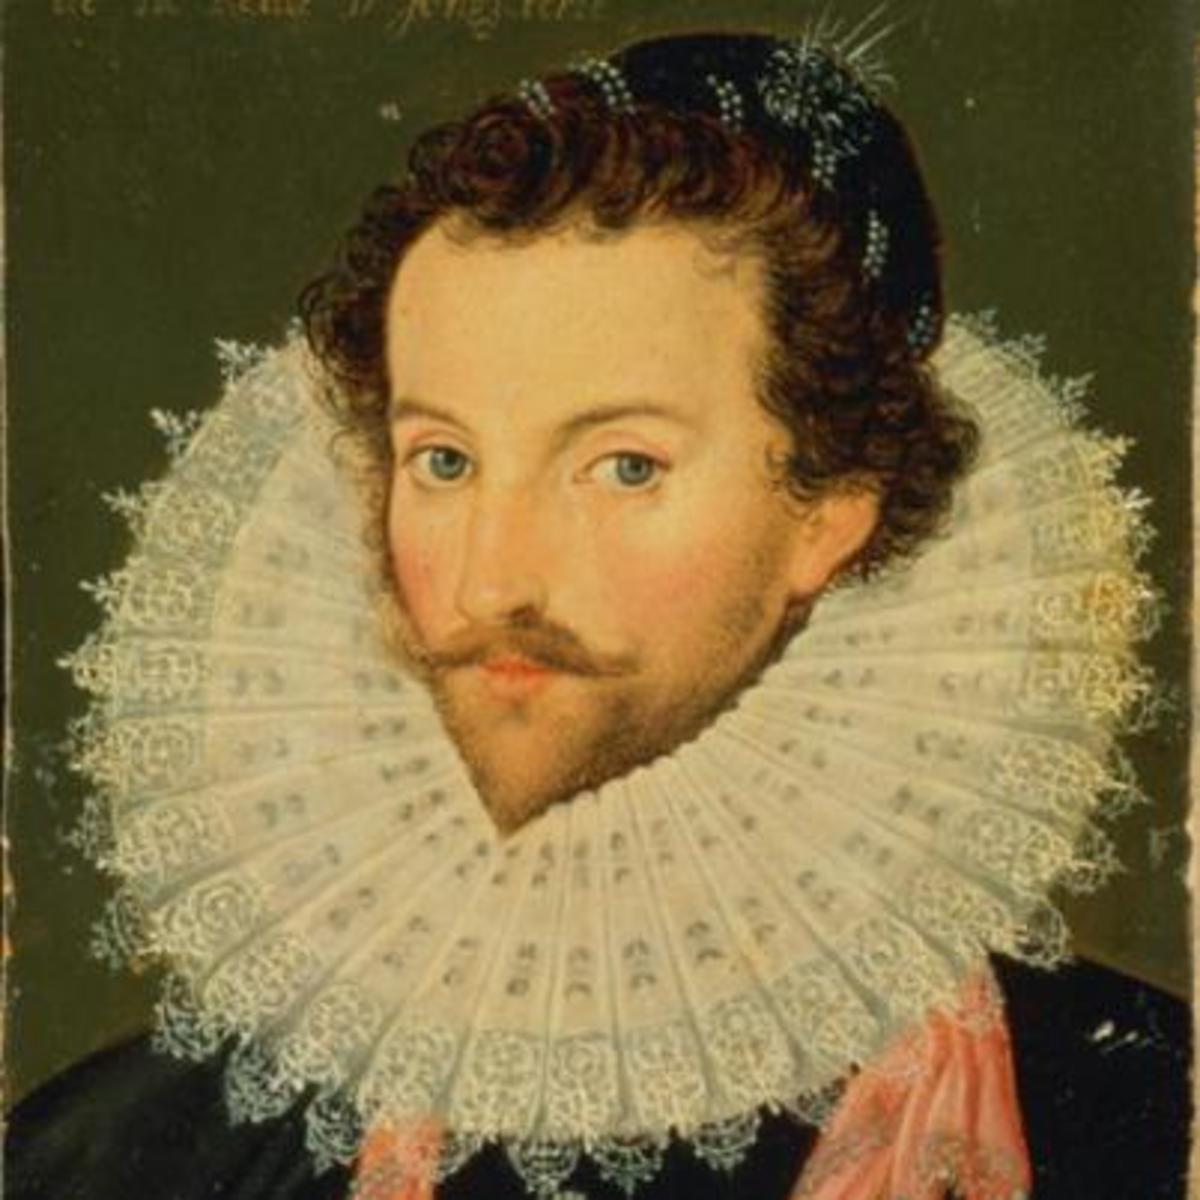 Sir Walter Raleigh 9450901 1 402, Fatos Desconhecidos